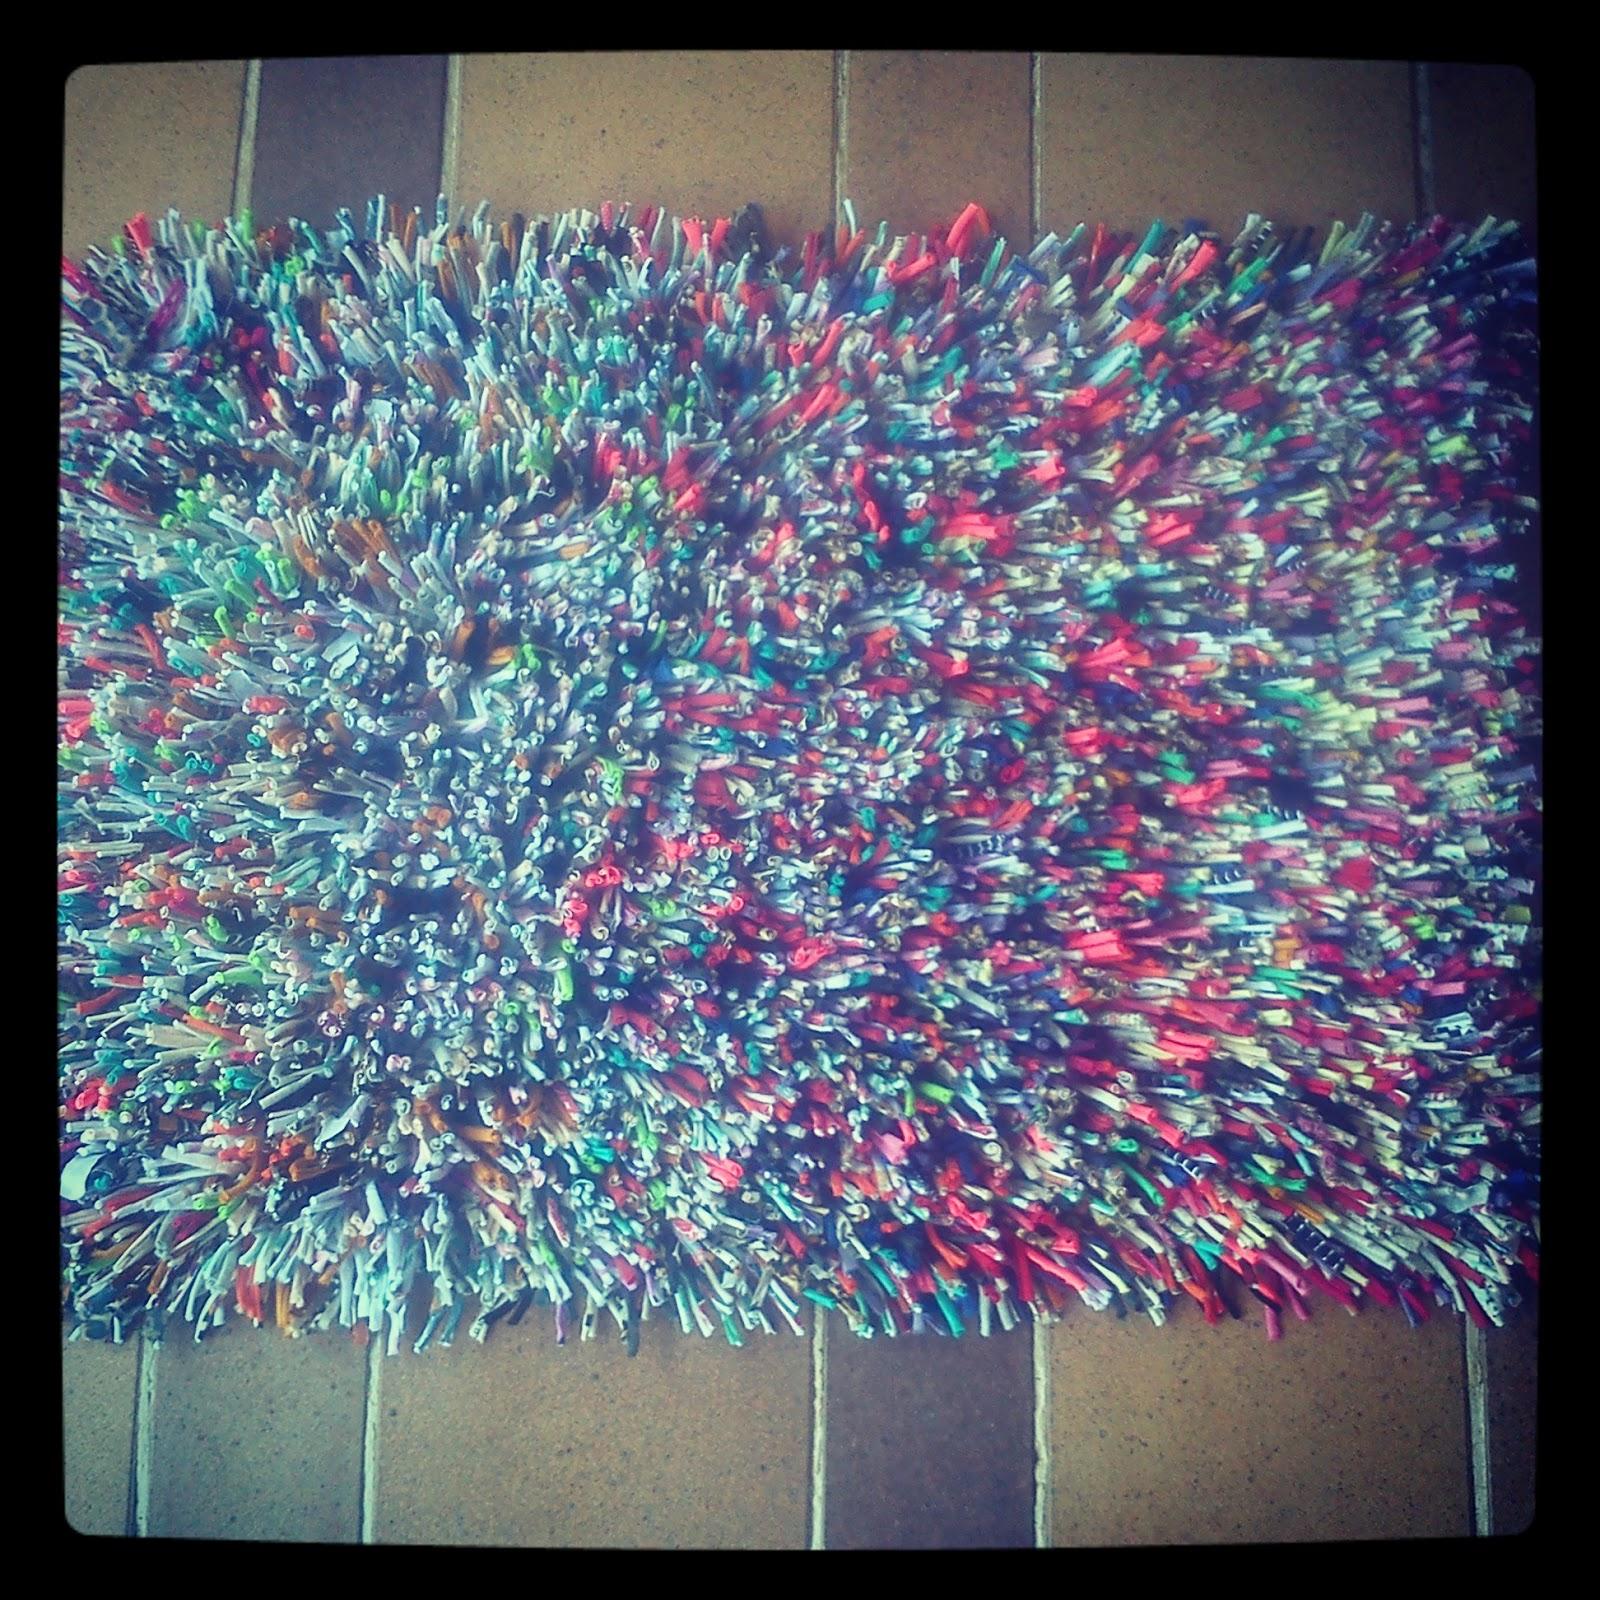 Manualidades trapillo alfombra trapillo con nudos - Como hacer alfombras de nudos ...